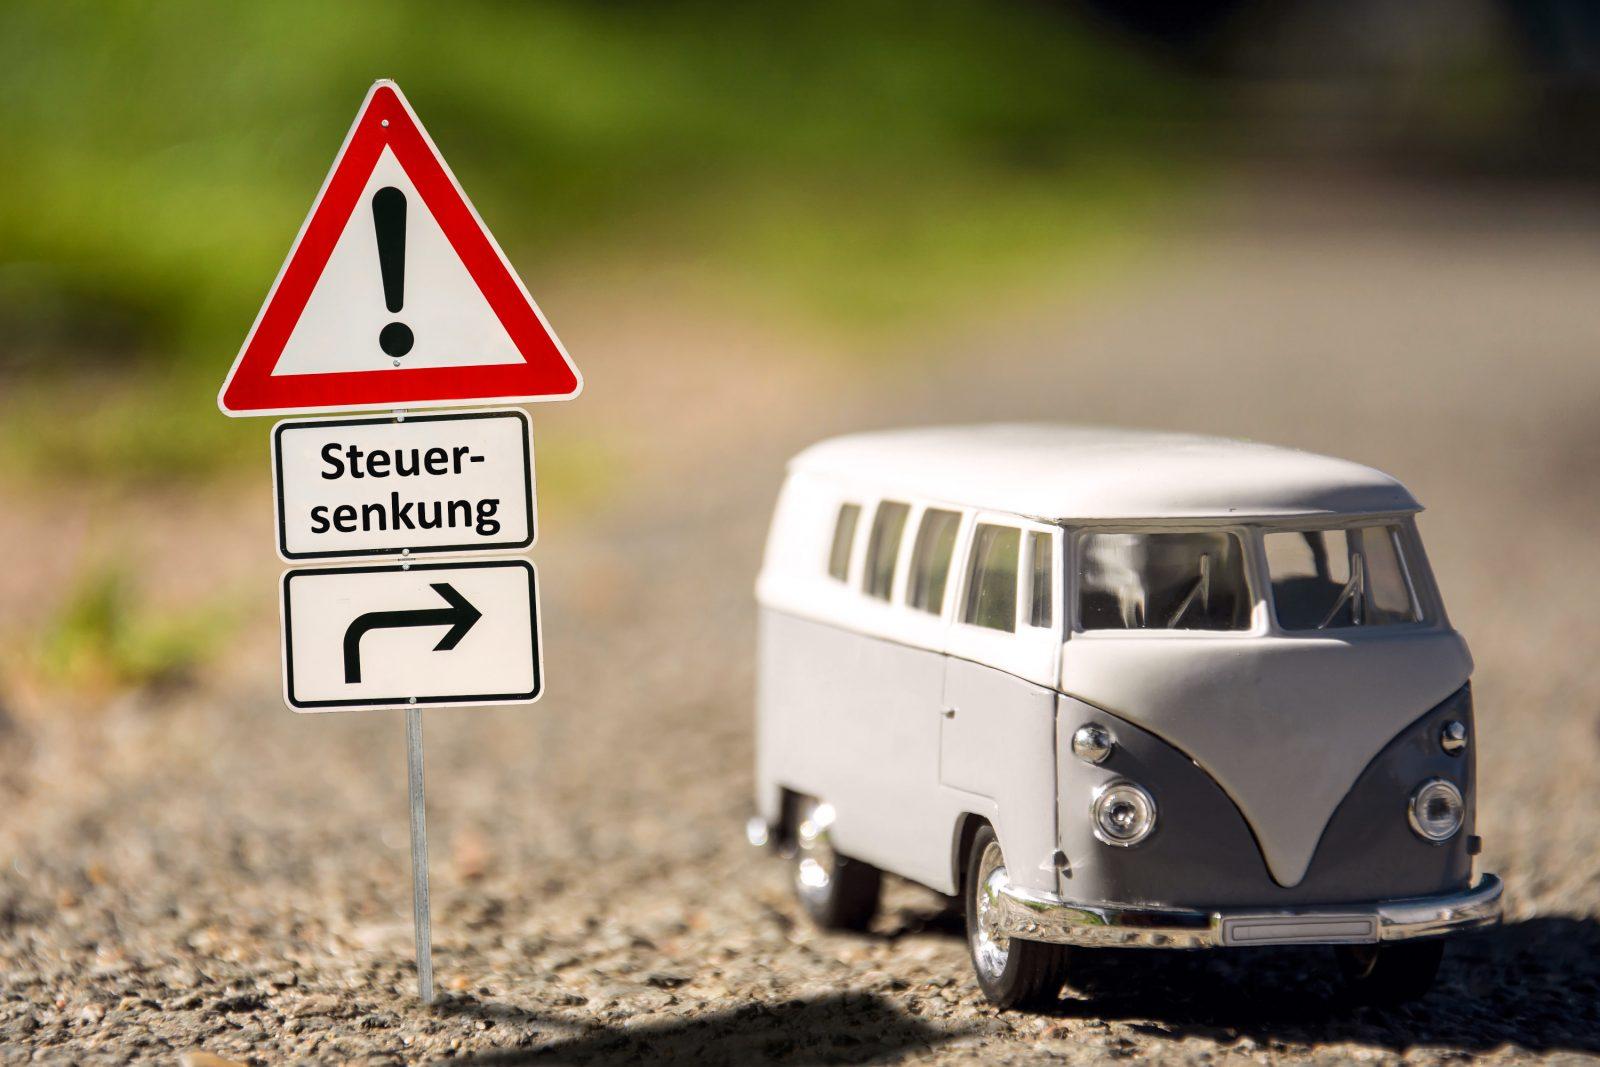 Bus_mit_Schild_Steuersenkung